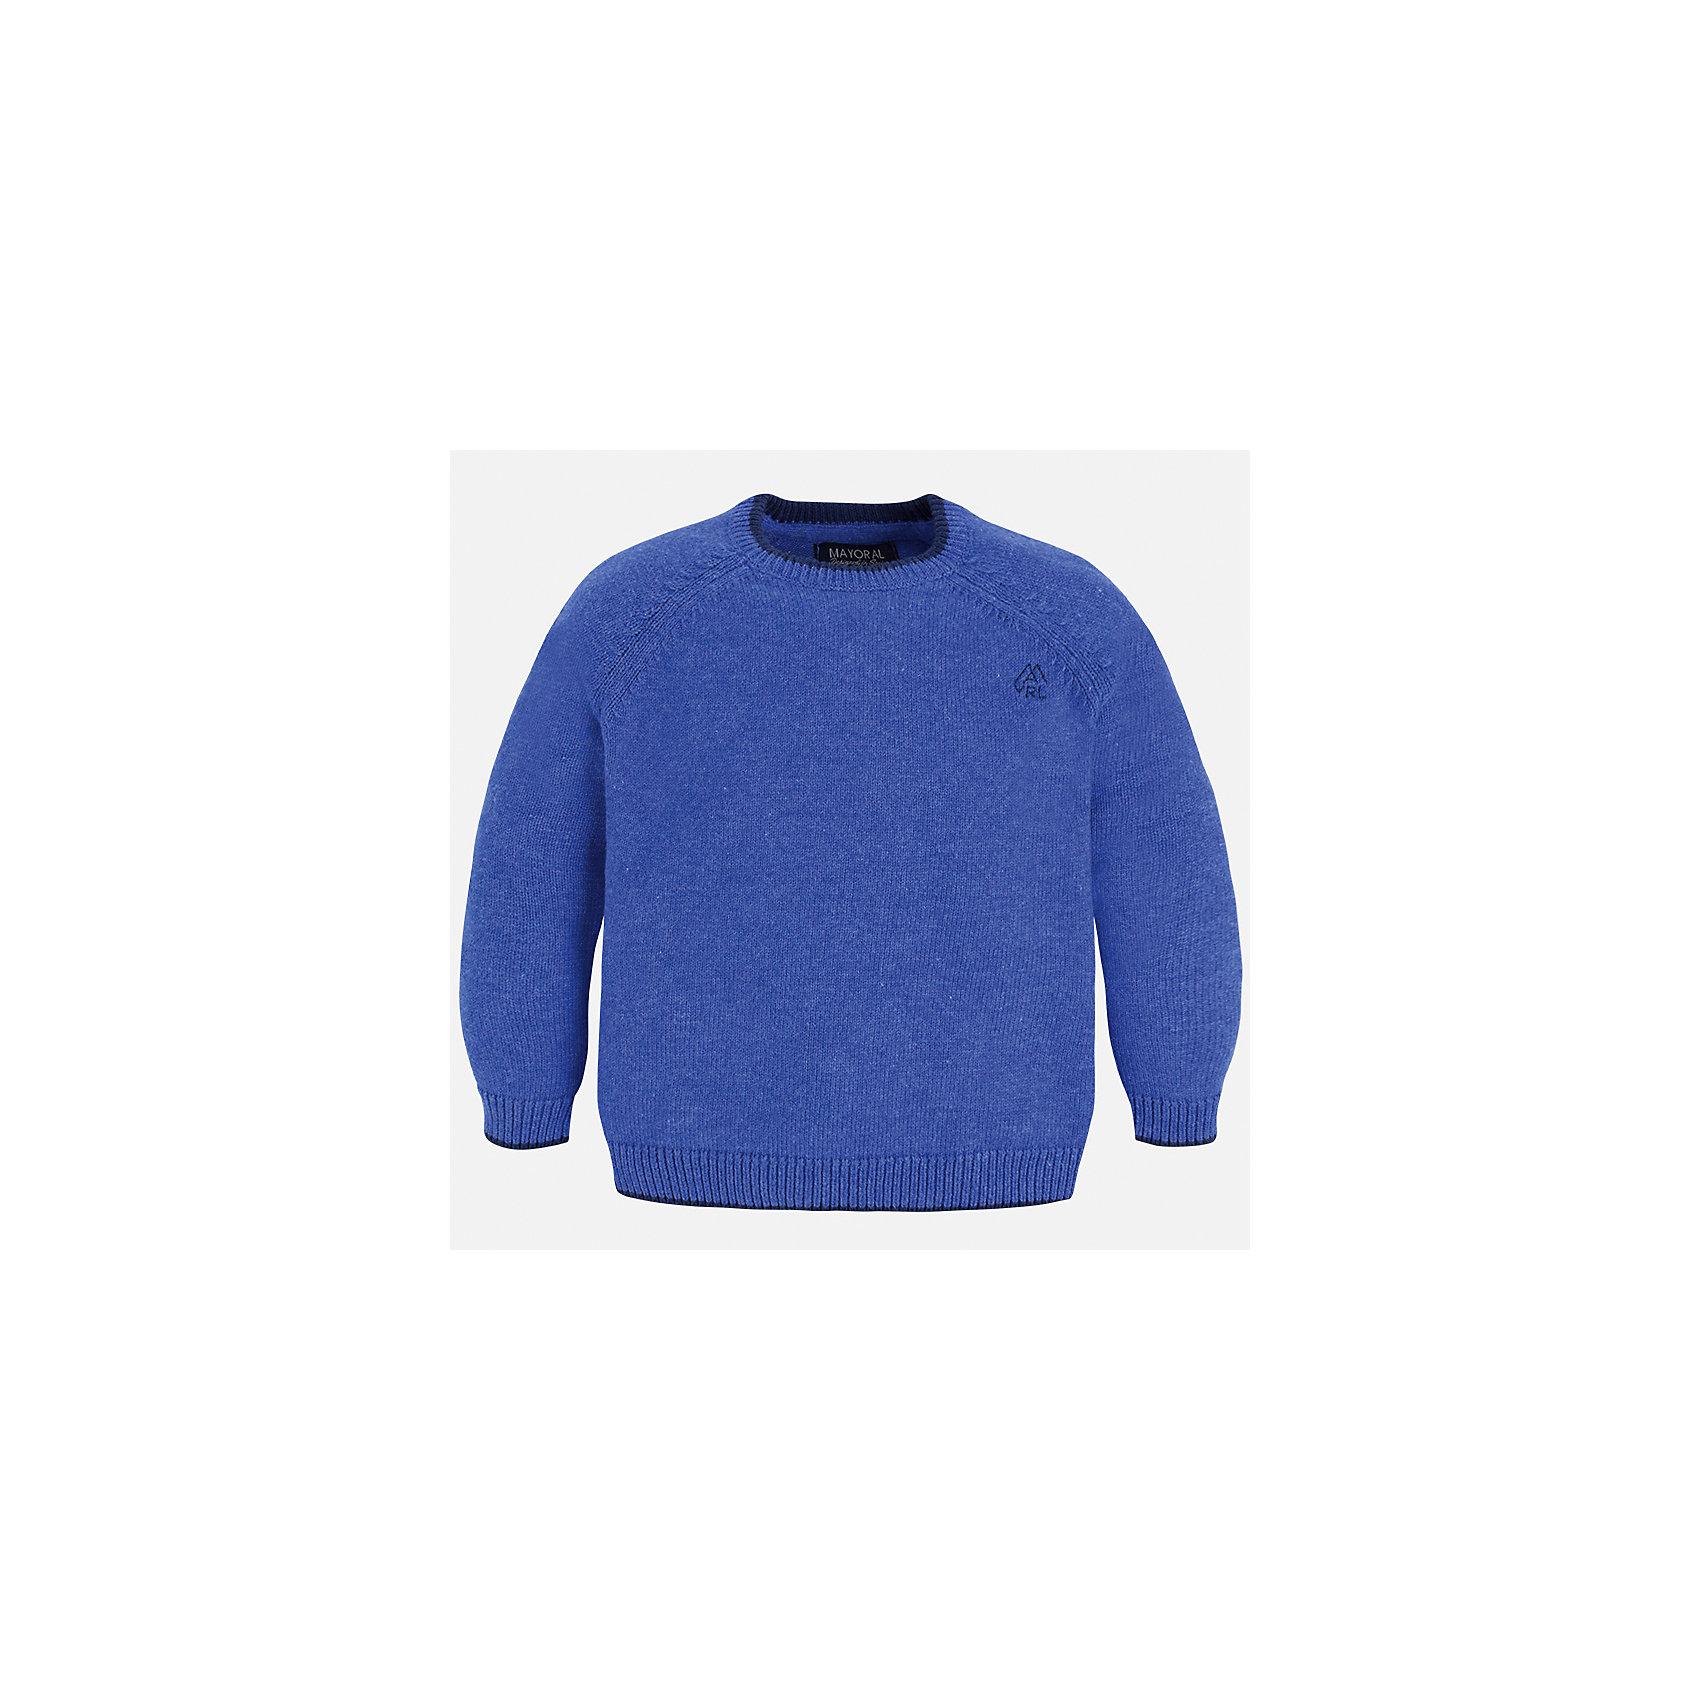 Свитер Mayoral для мальчикаСвитера и кардиганы<br>Характеристики товара:<br><br>• цвет: голубой;<br>• состав ткани: 60% хлопок, 30% полиамид, 10% шерсть;<br>• длинный рукав - реглан;<br>• однотонный;<br>• школьный;<br>• сезон: демисезон;<br>• страна бренда: Испания;<br>• страна изготовитель: Бангладеш.<br><br>Однотонный свитер для мальчика от популярного бренда Mayoral из натурально и мягкого 100% хлопка тонкой вязки, декорирован маленьким принтом в виде логотипа с вышивкой. Имеет круглый вырез и уплотненные края на руковах и поясе. Очень практичный и долгий в носке, цвет нетускнеет, смотрится аккуратно и стильно как с джинсами, так и в сочетании со школьной формой.<br><br>Для производства детской одежды популярный бренд Mayoral используют только качественную фурнитуру и материалы. Оригинальные и модные вещи от Майорал неизменно привлекают внимание и нравятся детям.<br><br>Свитер для мальчика Mayoral (Майорал) можно купить в нашем интернет-магазине.<br><br>Ширина мм: 190<br>Глубина мм: 74<br>Высота мм: 229<br>Вес г: 236<br>Цвет: лиловый<br>Возраст от месяцев: 96<br>Возраст до месяцев: 108<br>Пол: Мужской<br>Возраст: Детский<br>Размер: 134,92,98,104,110,116,122,128<br>SKU: 6931796